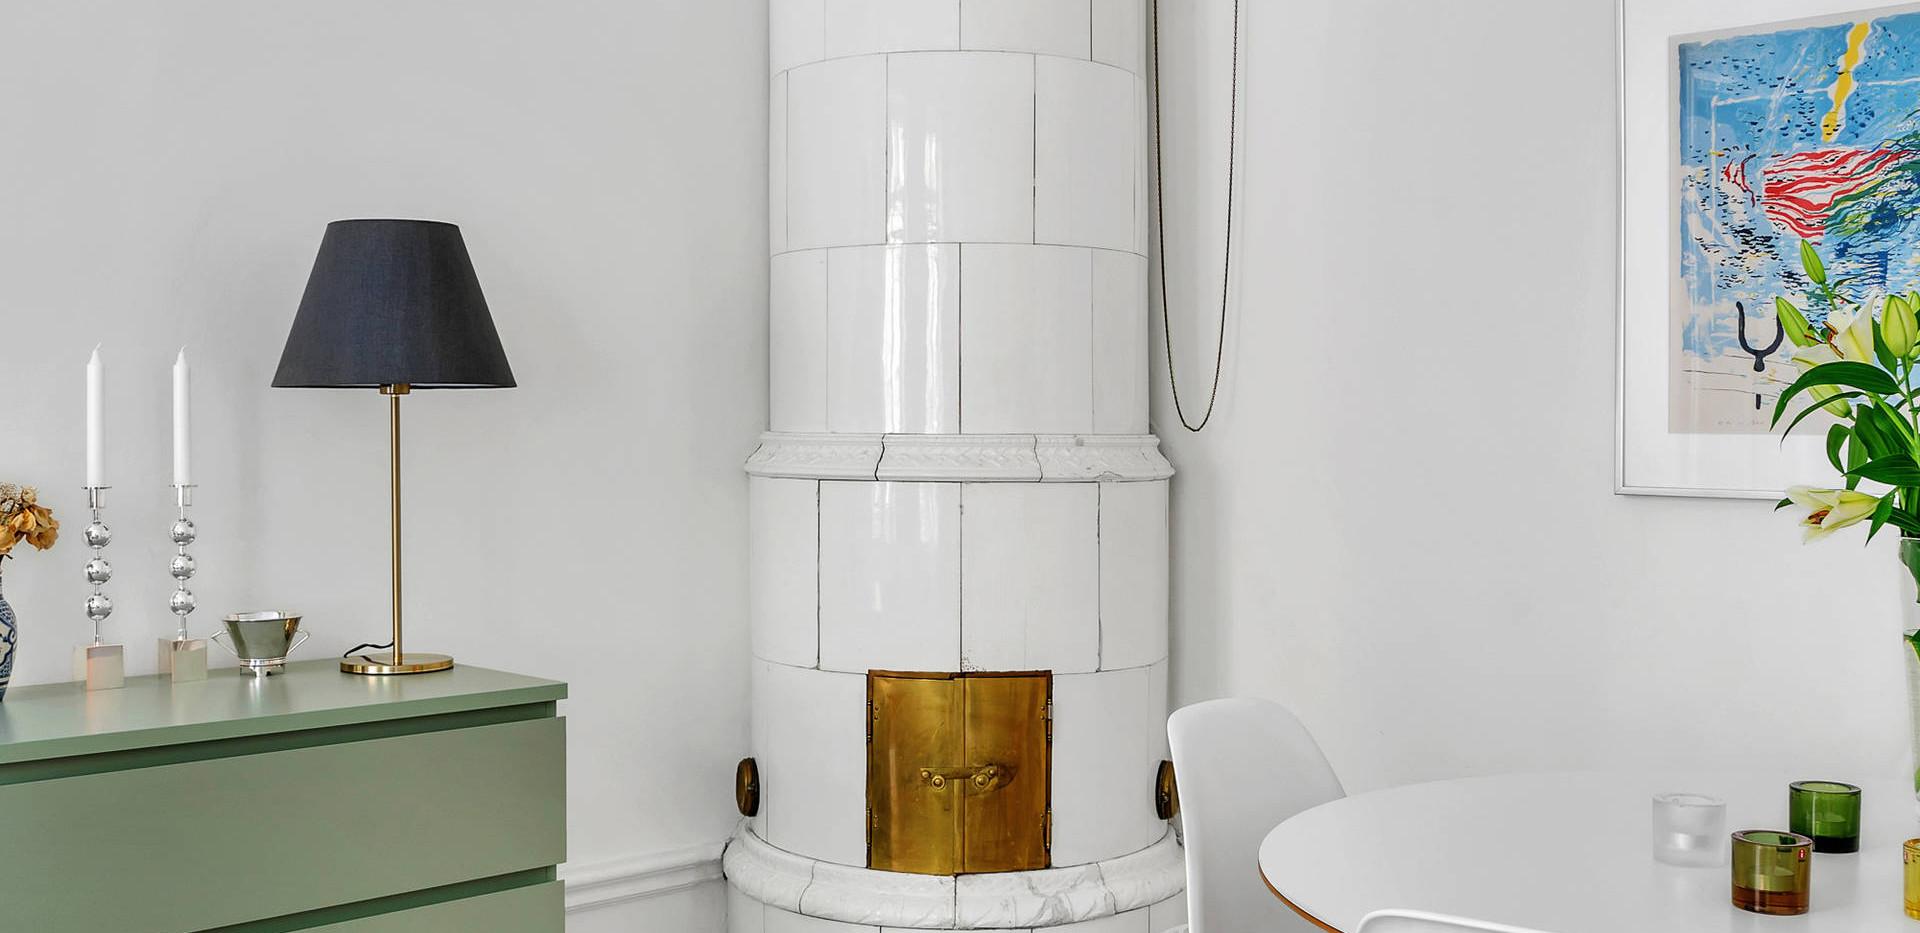 Valhallavagen 116 Fireplace .jpg